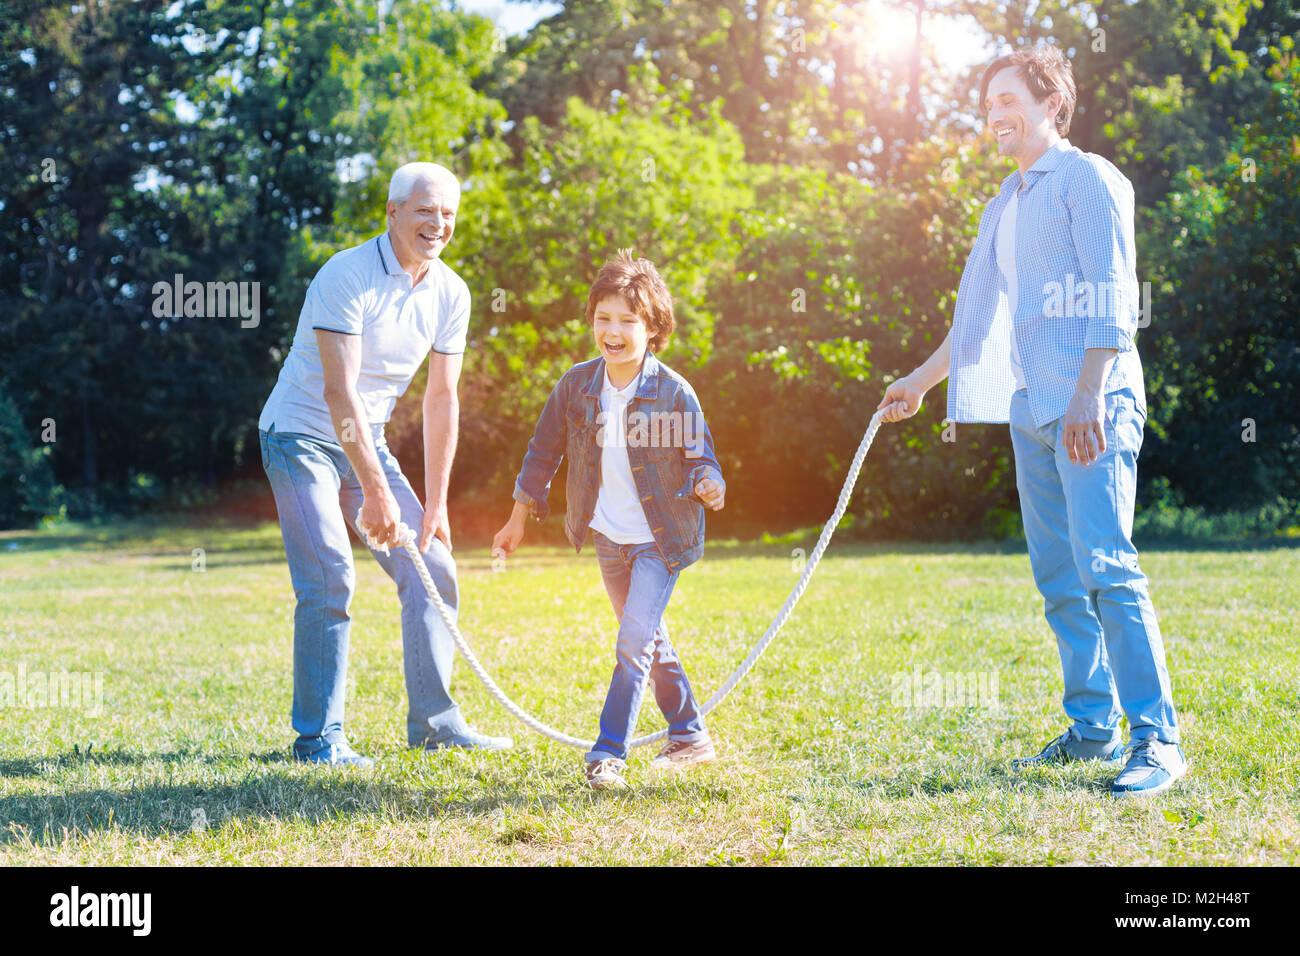 Famille de plusieurs générations par rayonnement s'amusant avec skip rope Photo Stock